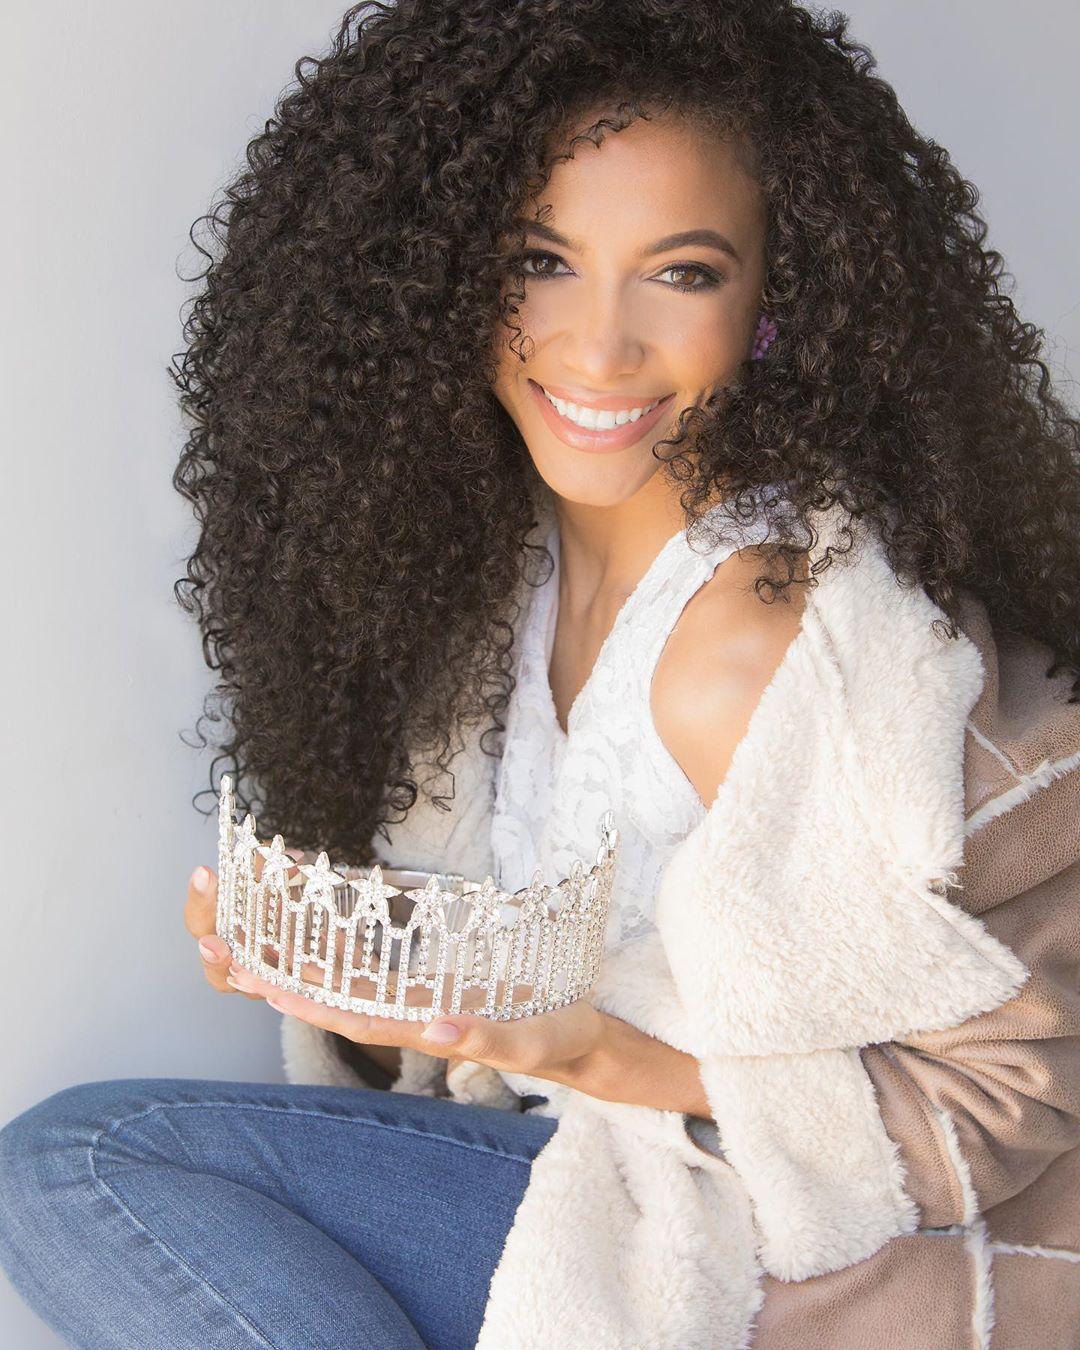 cheslie kryst, top 10 de miss universe 2019. - Página 2 Missnc10